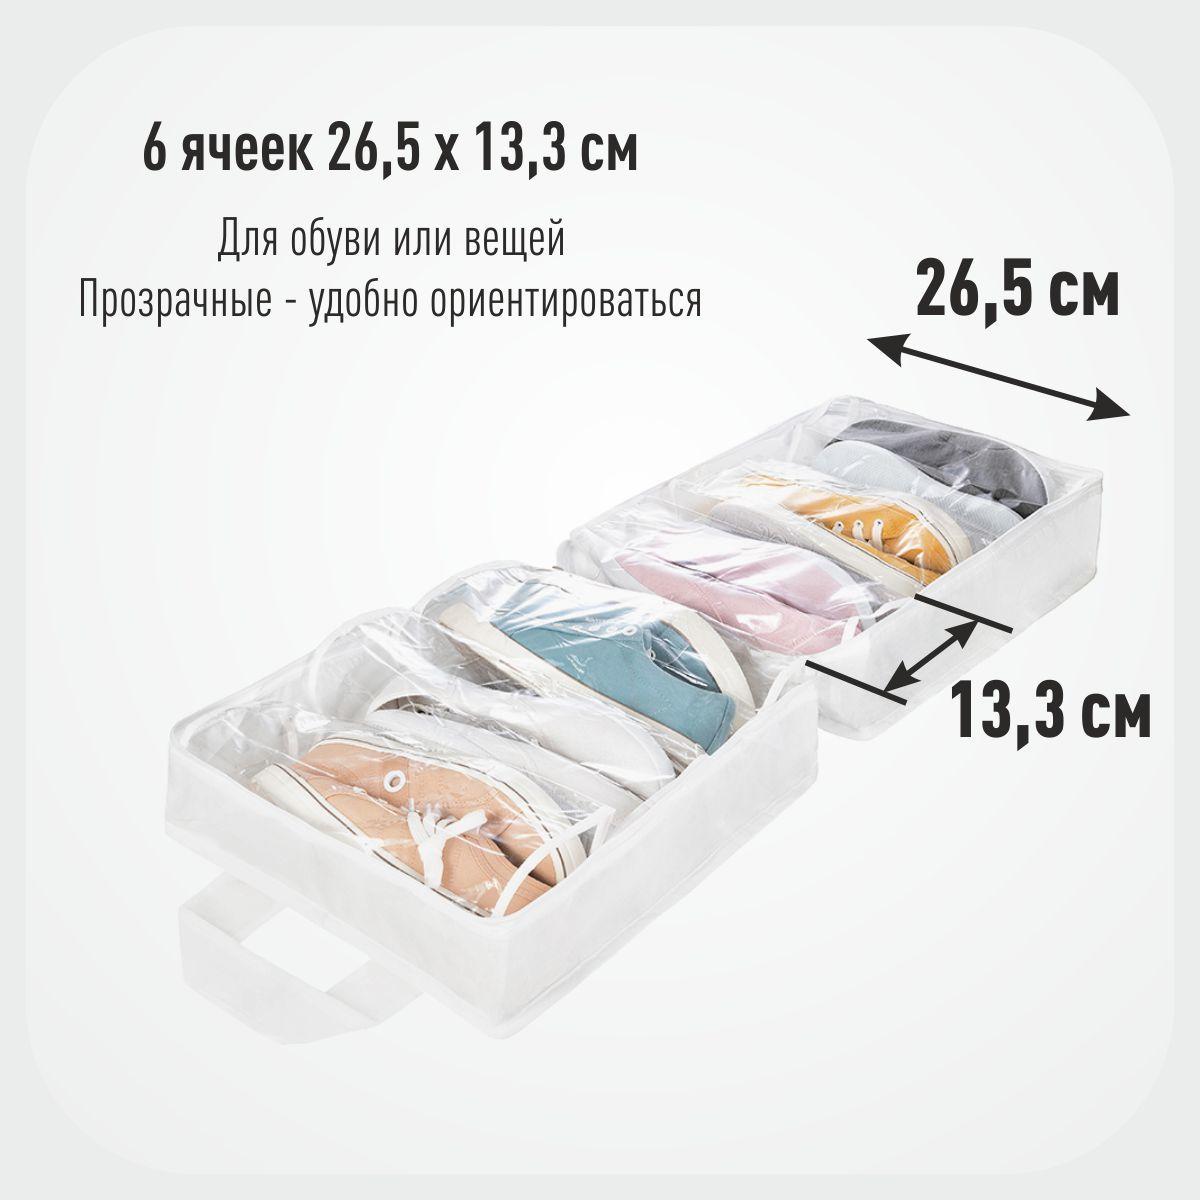 Чемодан для обуви 35х40х20 см, 6 ячеек, Санторини